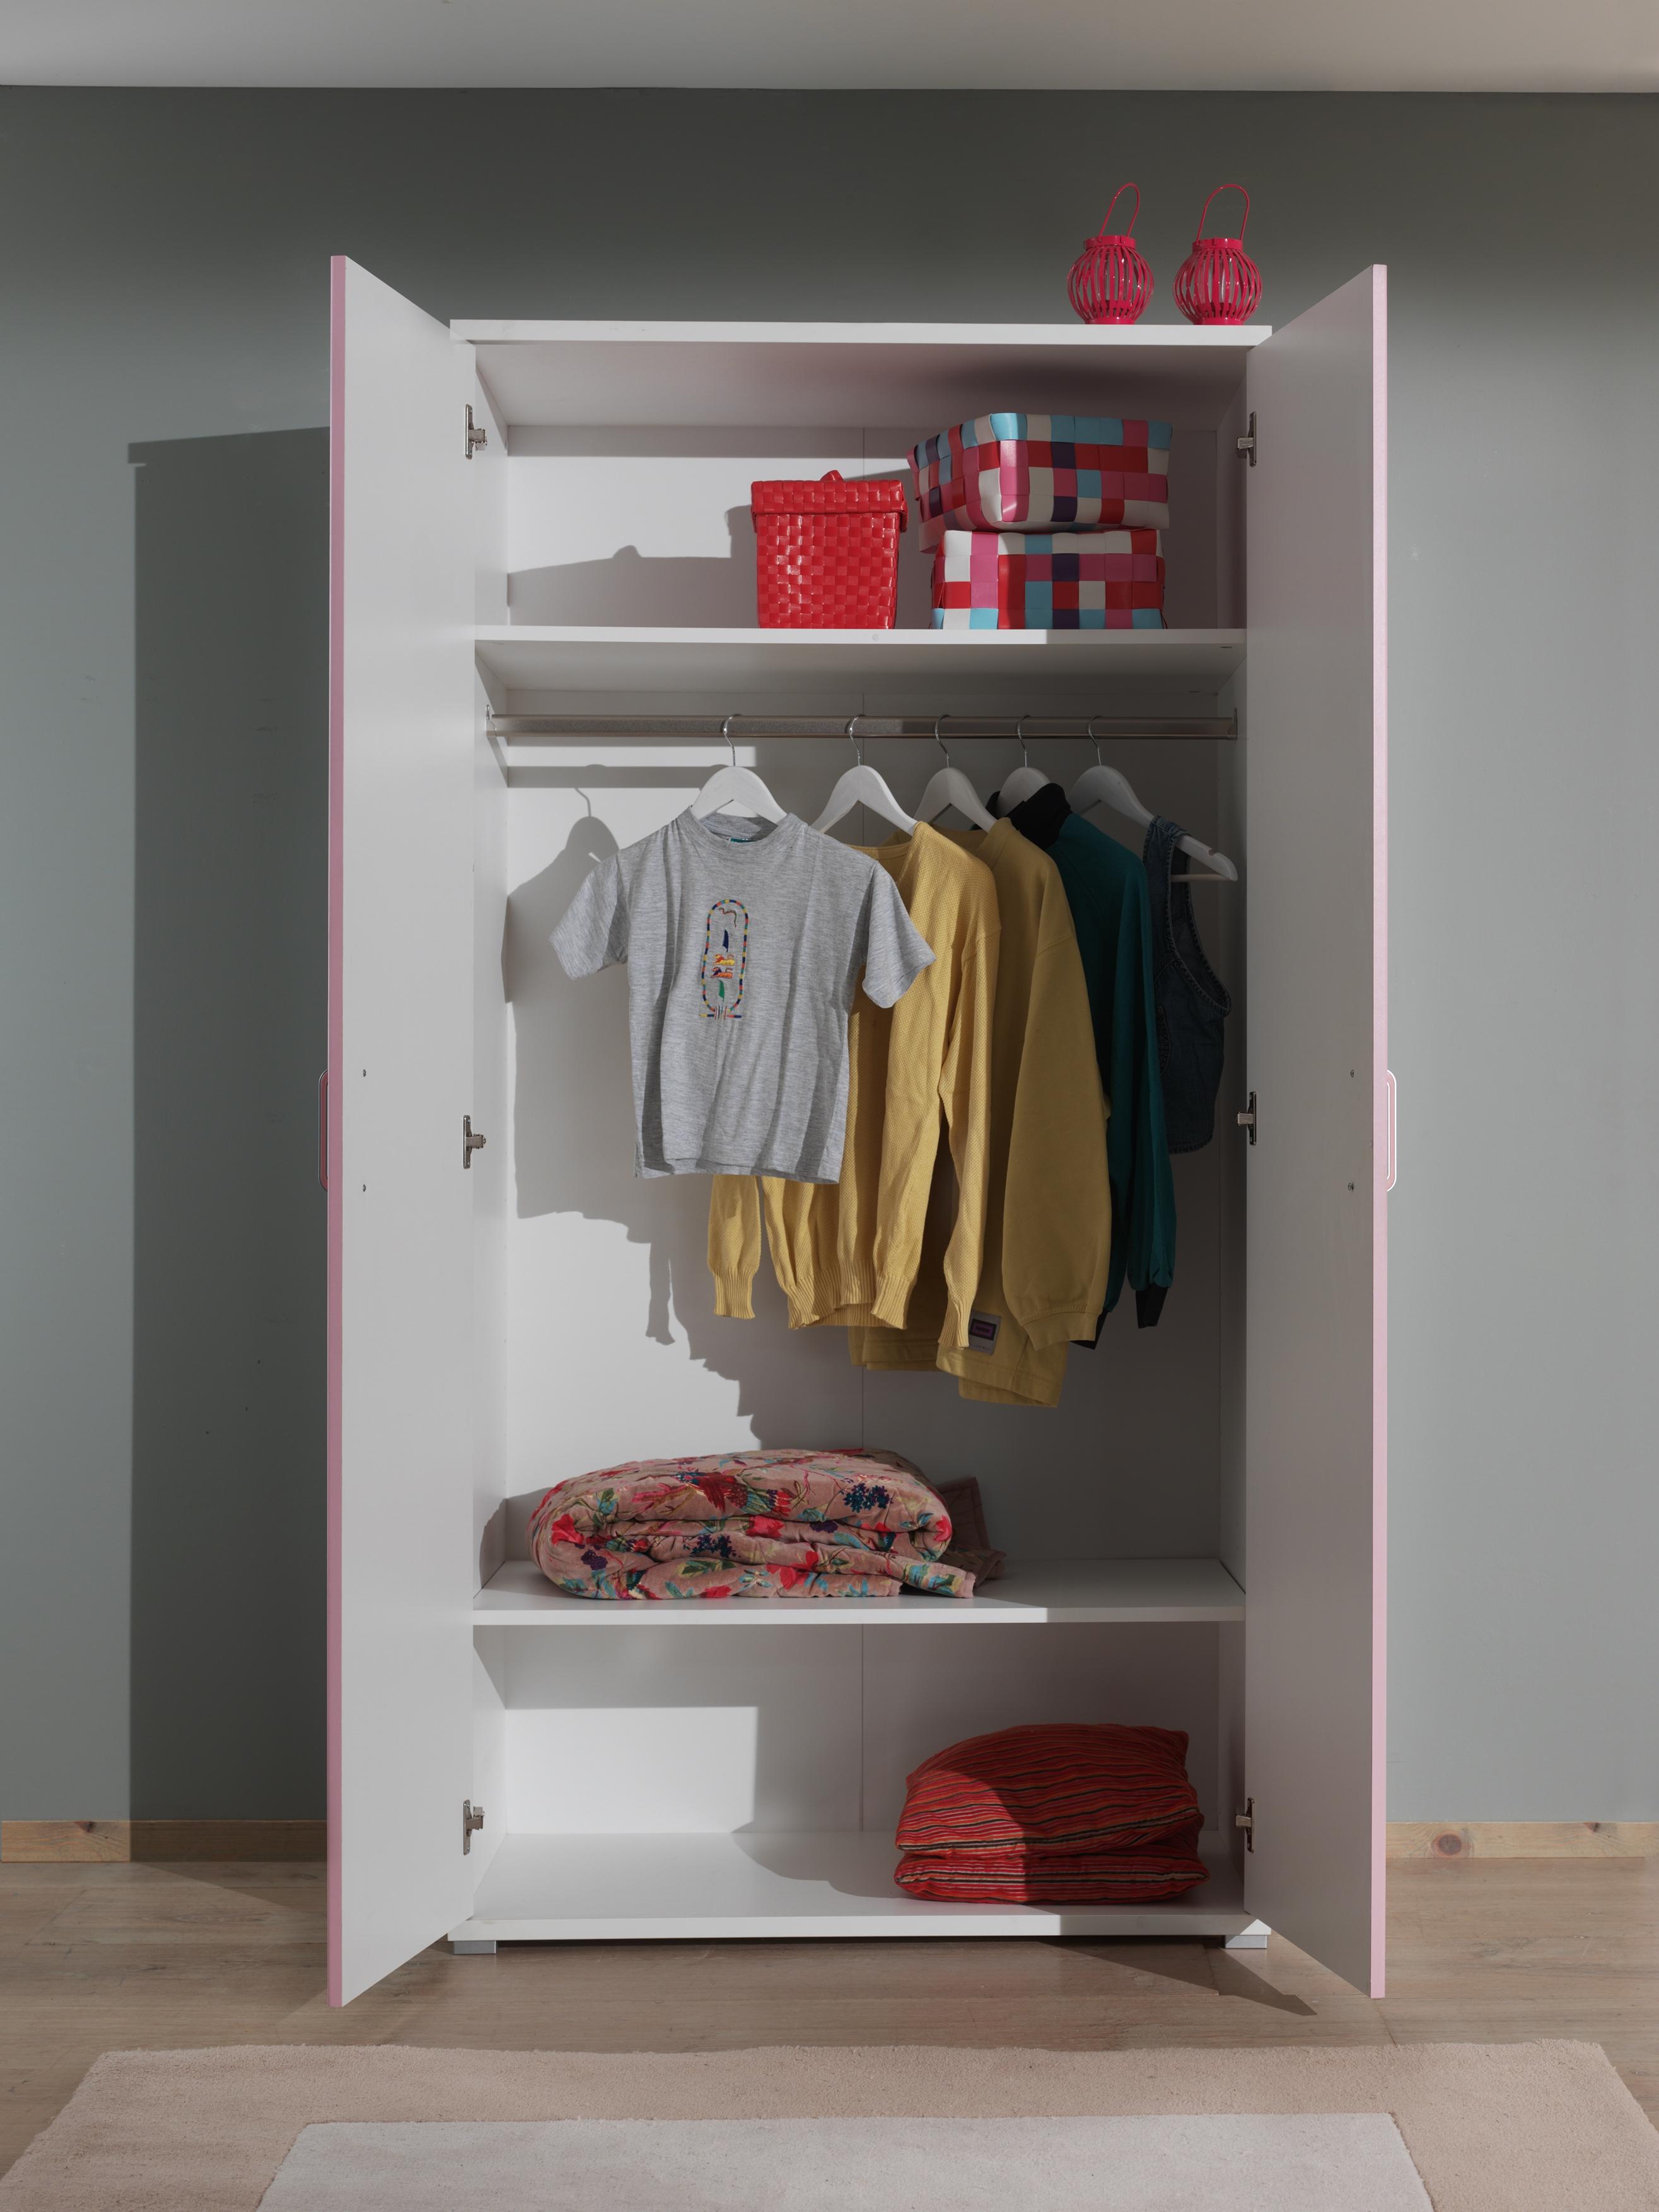 lit banquette chambre fillette emilie au style romantique. Black Bedroom Furniture Sets. Home Design Ideas